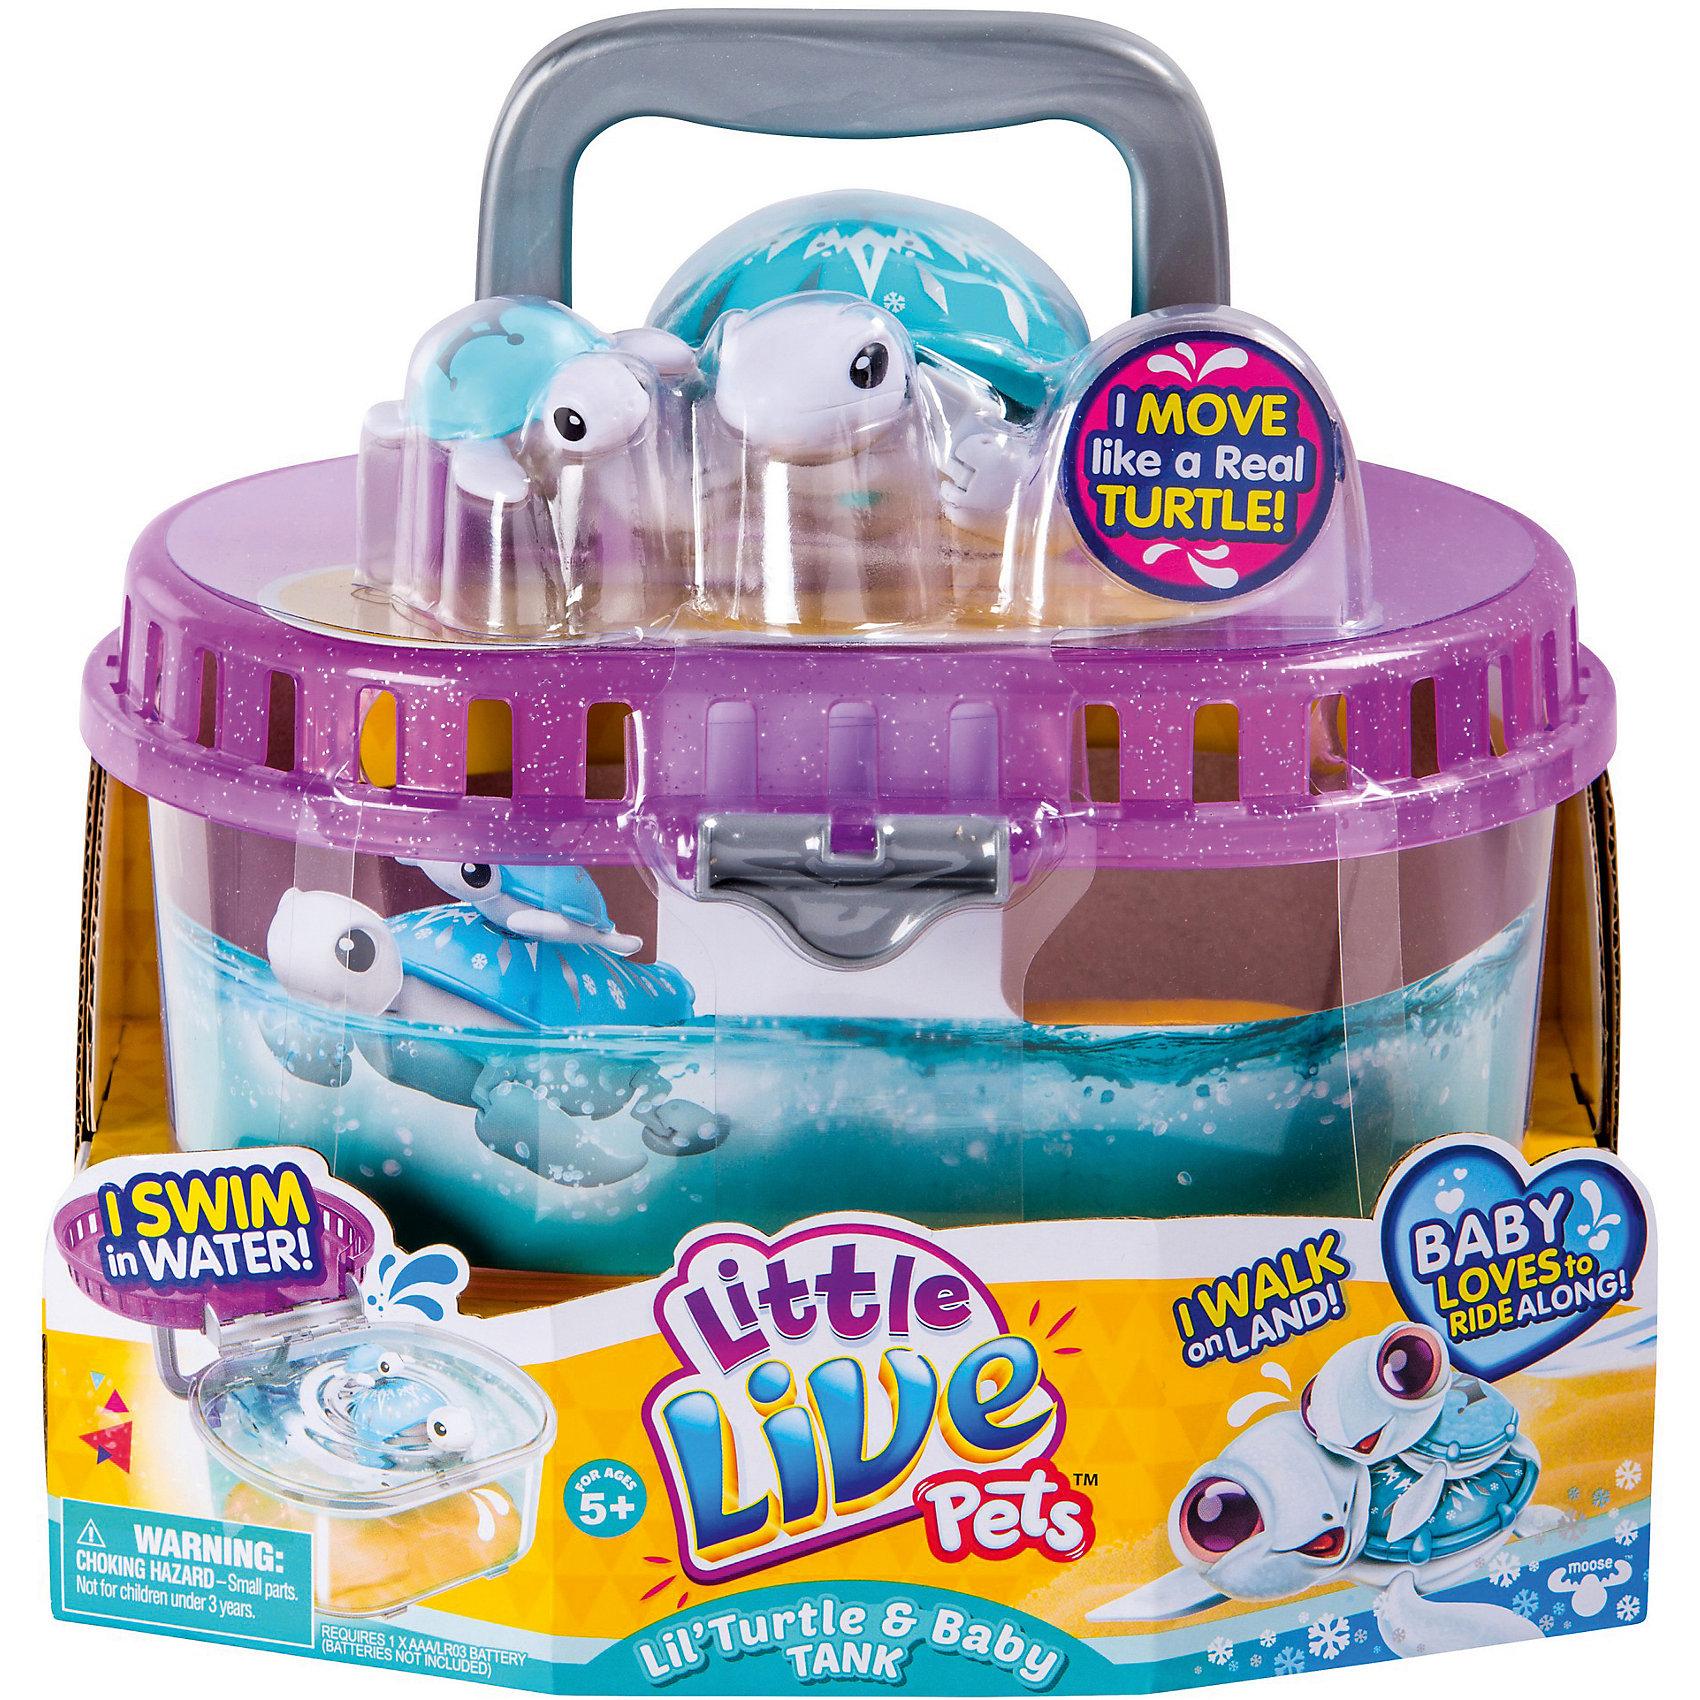 Черепашка с малышом в аквариуме, Little Live Pets, MooseИнтерактивные животные<br>Характеристики товара:<br><br>• возраст от 5 лет;<br>• материал: пластик;<br>• в наборе: 2 черепашки, аквариум;<br>• работает от 1 батарейки ААА (в комплект не входит);<br>• размер аквариума 20,5х23,5х18 см;<br>• размер упаковки 23,5х20,5х18 см;<br>• вес упаковки 67 гр.;<br>• страна производитель Китай.<br><br>Черепашка с малышом в аквариуме Little Live Pets Moose — увлекательная забавная игрушка, которая сделает купание малыша веселым. У черепашки яркий панцирь, украшенный узорами. Черепашка умеет плавать, двигаться по суше, кивать головой. Ее детеныш крепится на панцирь мамы при помощи присоски. В комплекте удобный чемоданчик с ручками и песчаным дном, который может служить аквариумом для черепашки или переноской, если ребенок захочет взять с собой игрушку на прогулку или в гости. Игрушка изготовлена из качественного безвредного пластика.<br><br>Черепашку с малышом в аквариуме Little Live Pets Moose можно приобрести в нашем интернет-магазине.<br><br>Ширина мм: 235<br>Глубина мм: 180<br>Высота мм: 205<br>Вес г: 67<br>Возраст от месяцев: 60<br>Возраст до месяцев: 2147483647<br>Пол: Унисекс<br>Возраст: Детский<br>SKU: 5578478